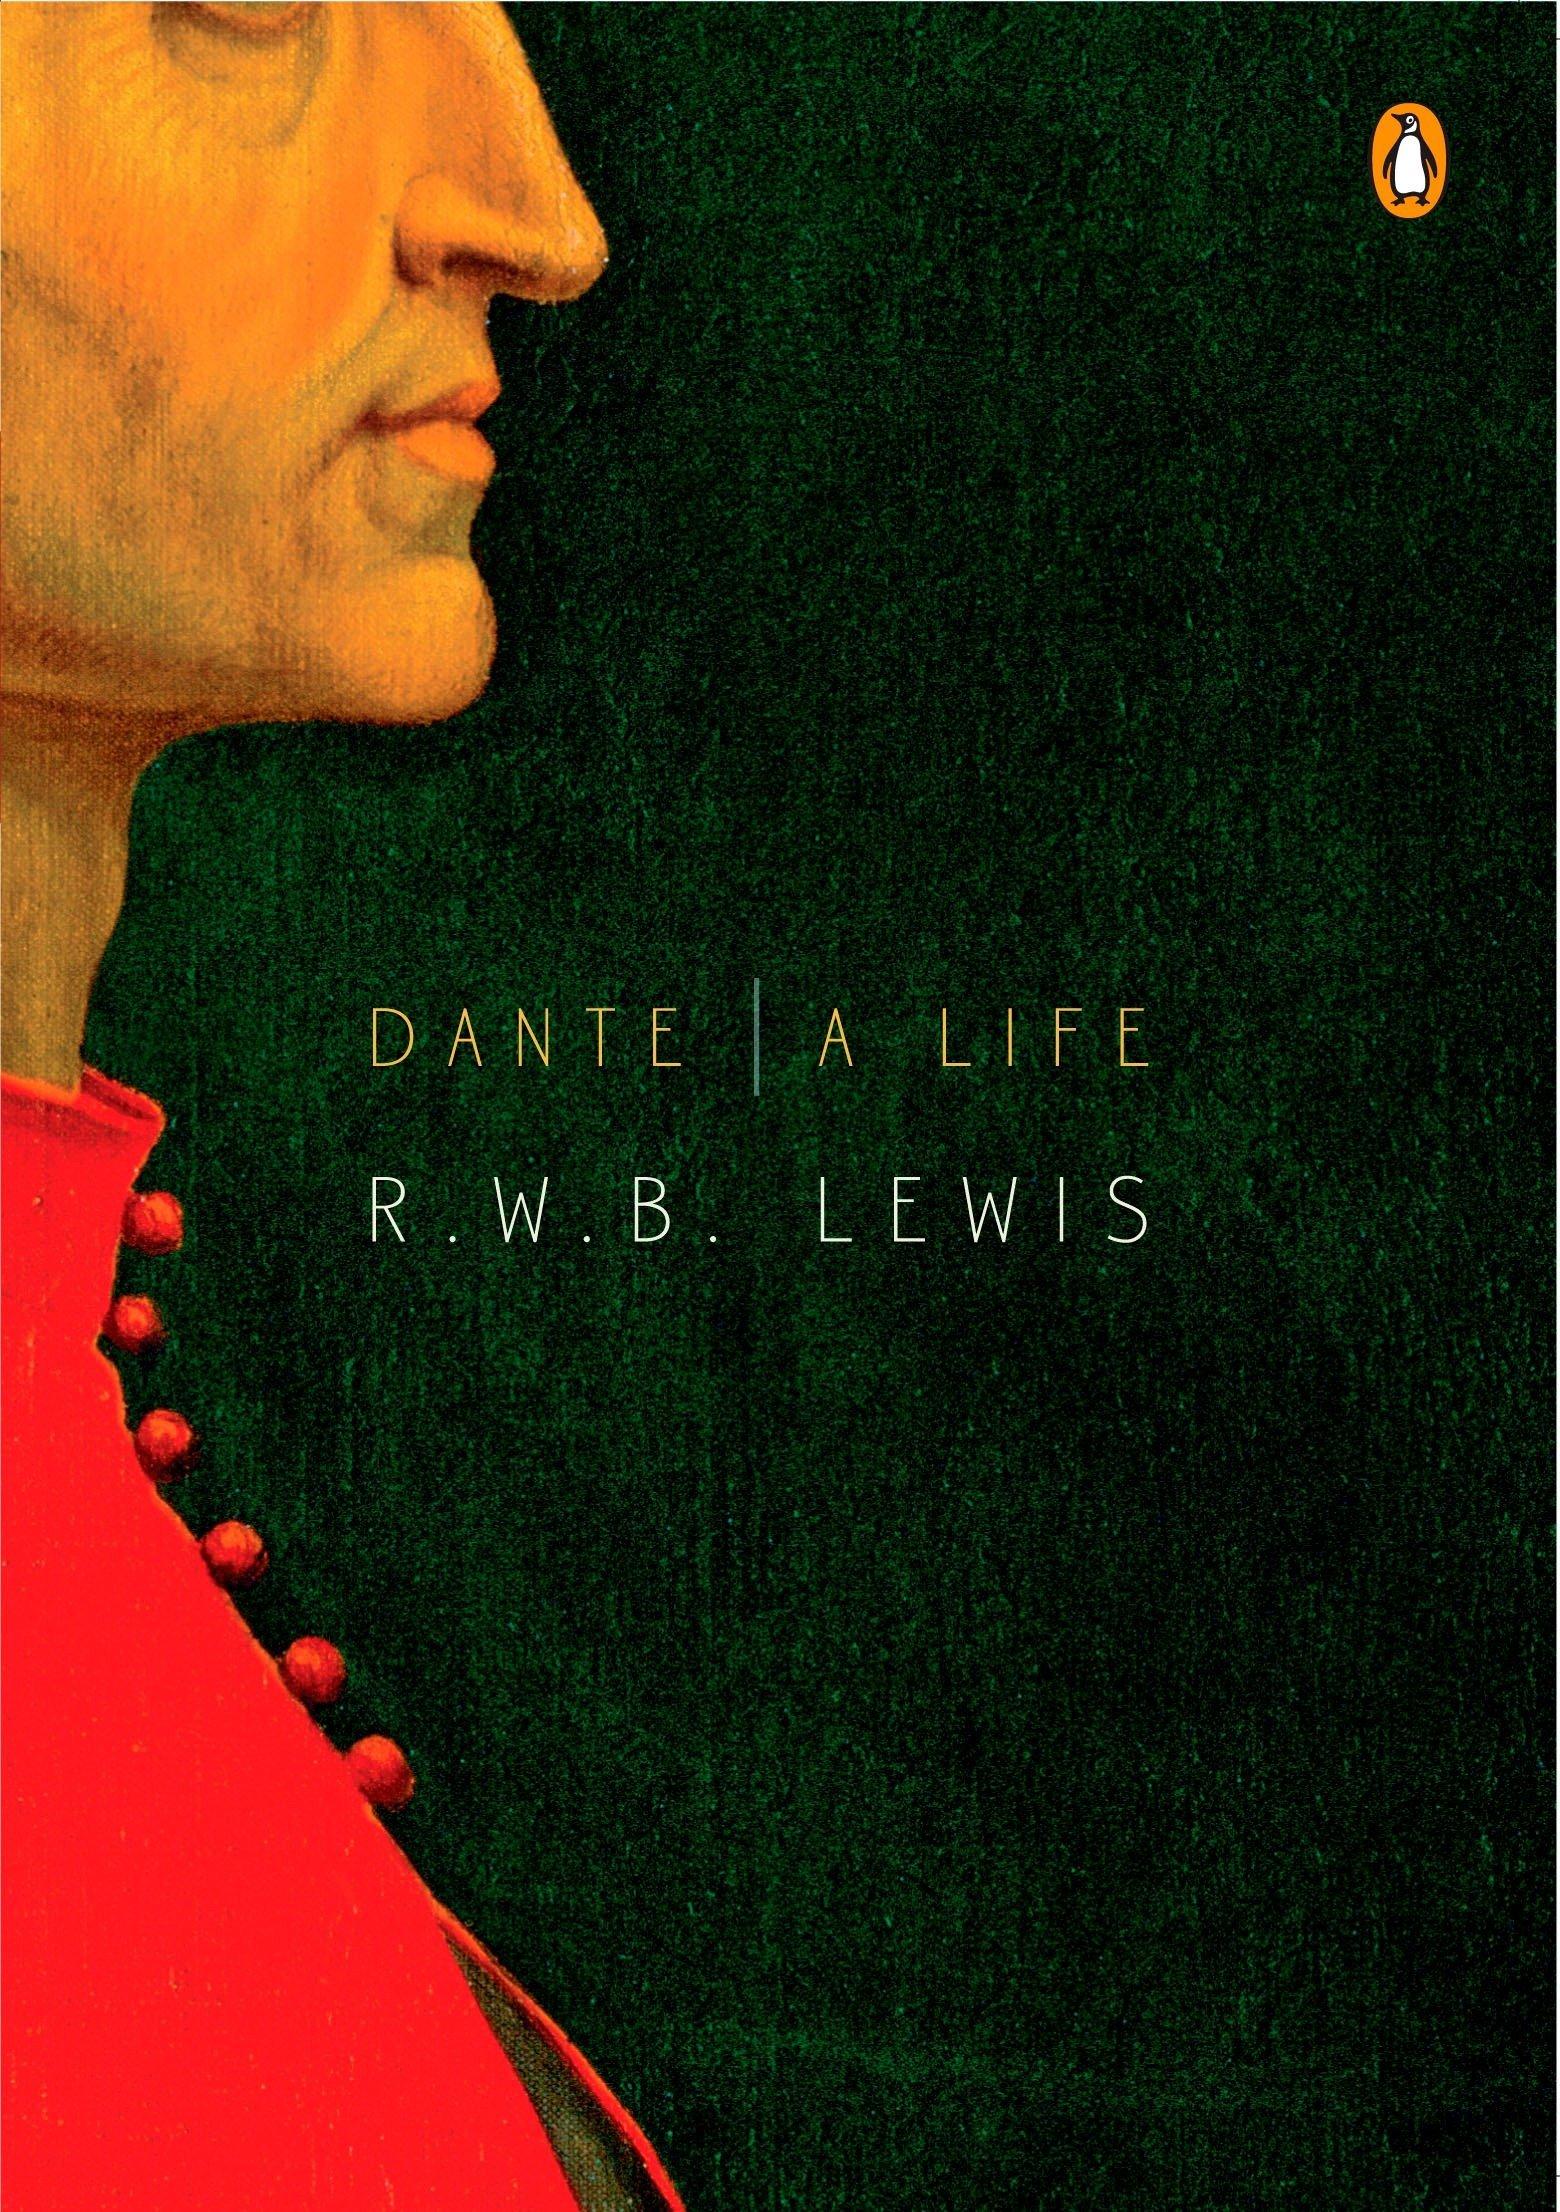 Download Dante: A Life (Penguin Lives) ePub fb2 book